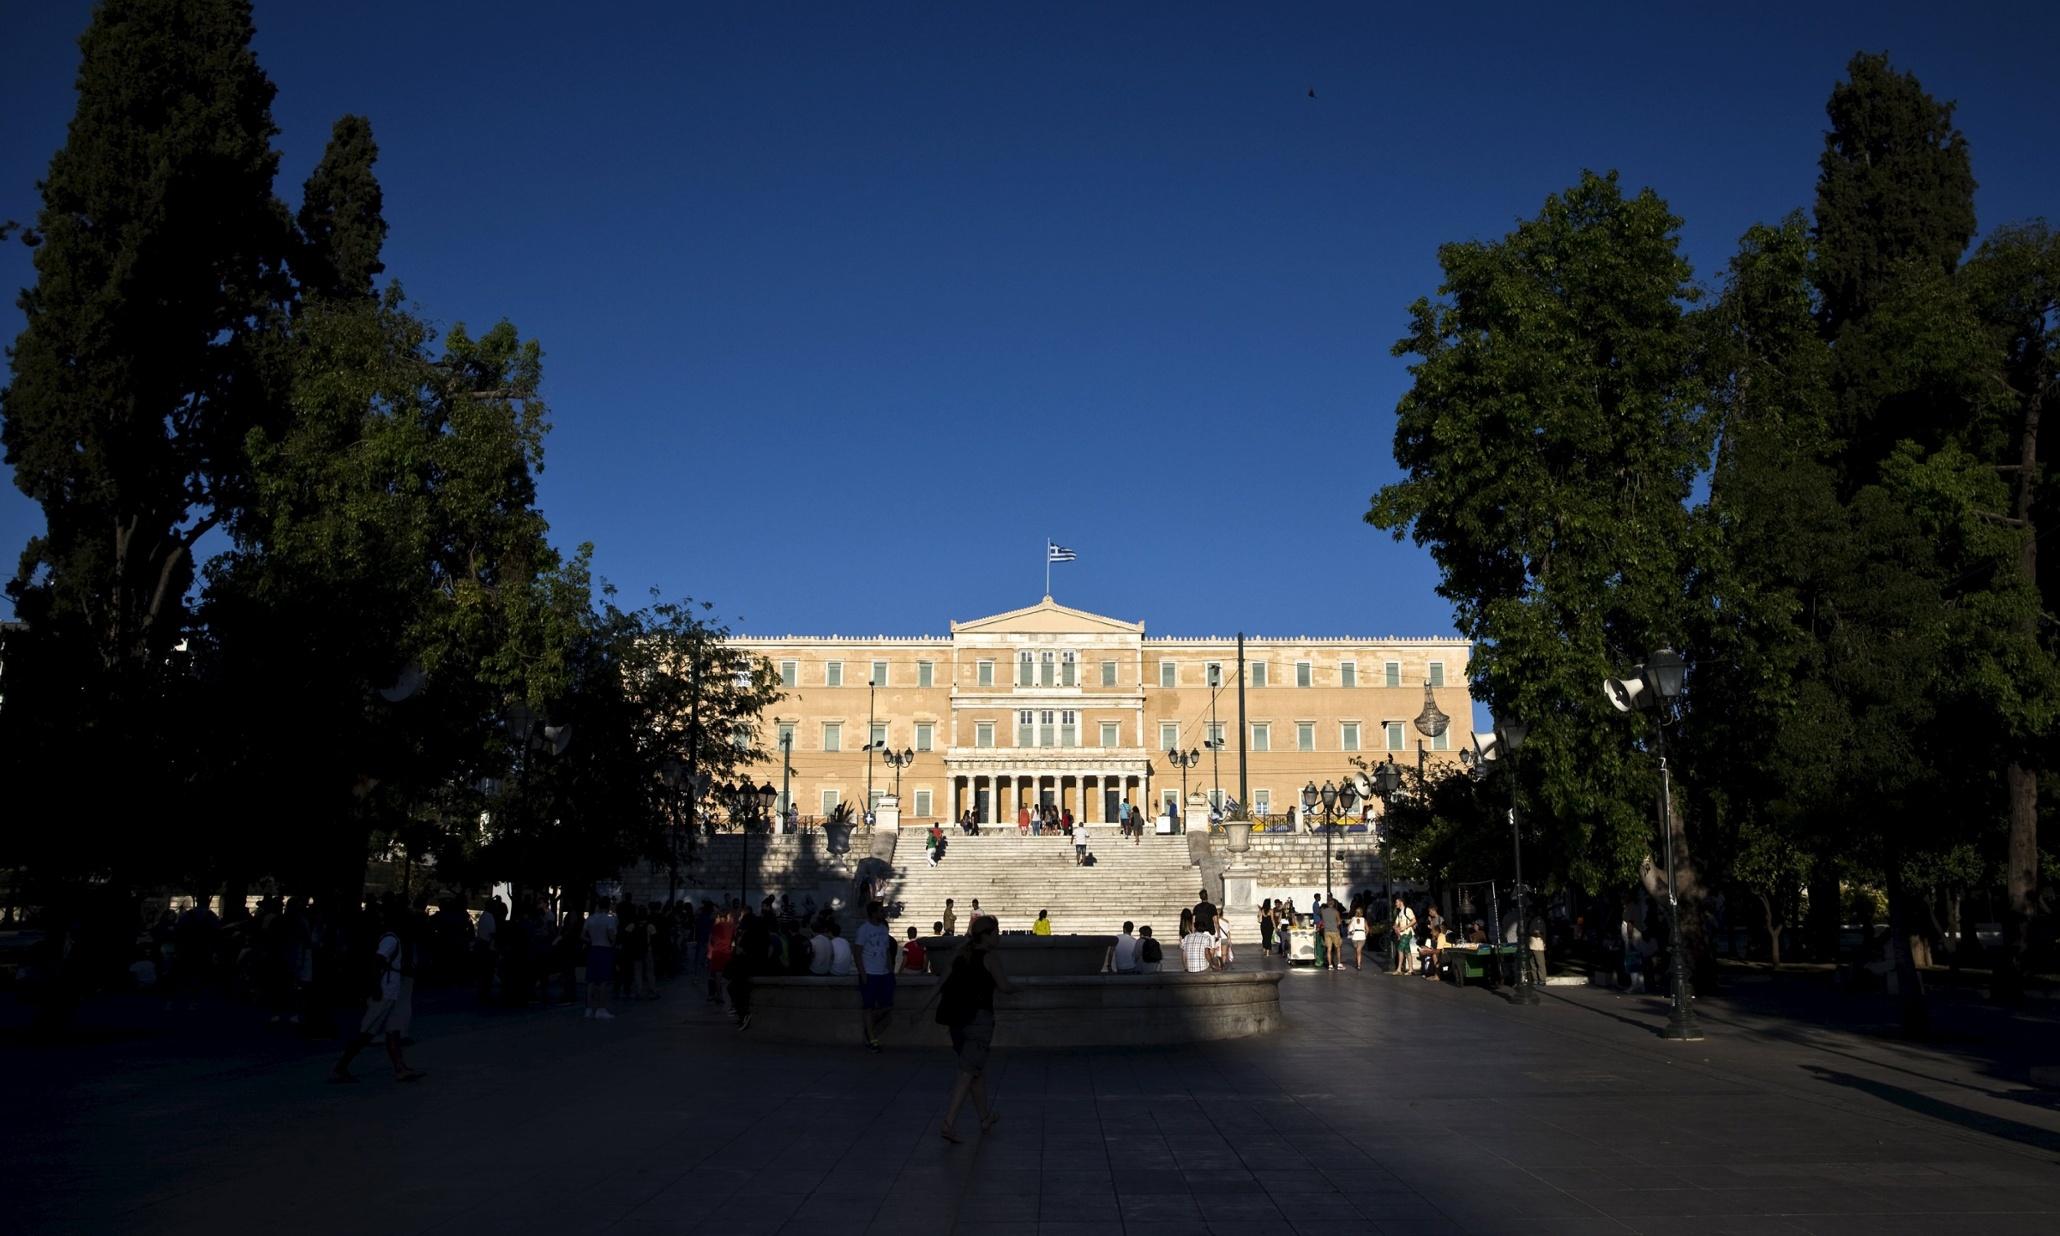 Atenas 10 cosas que hacer - Introducción